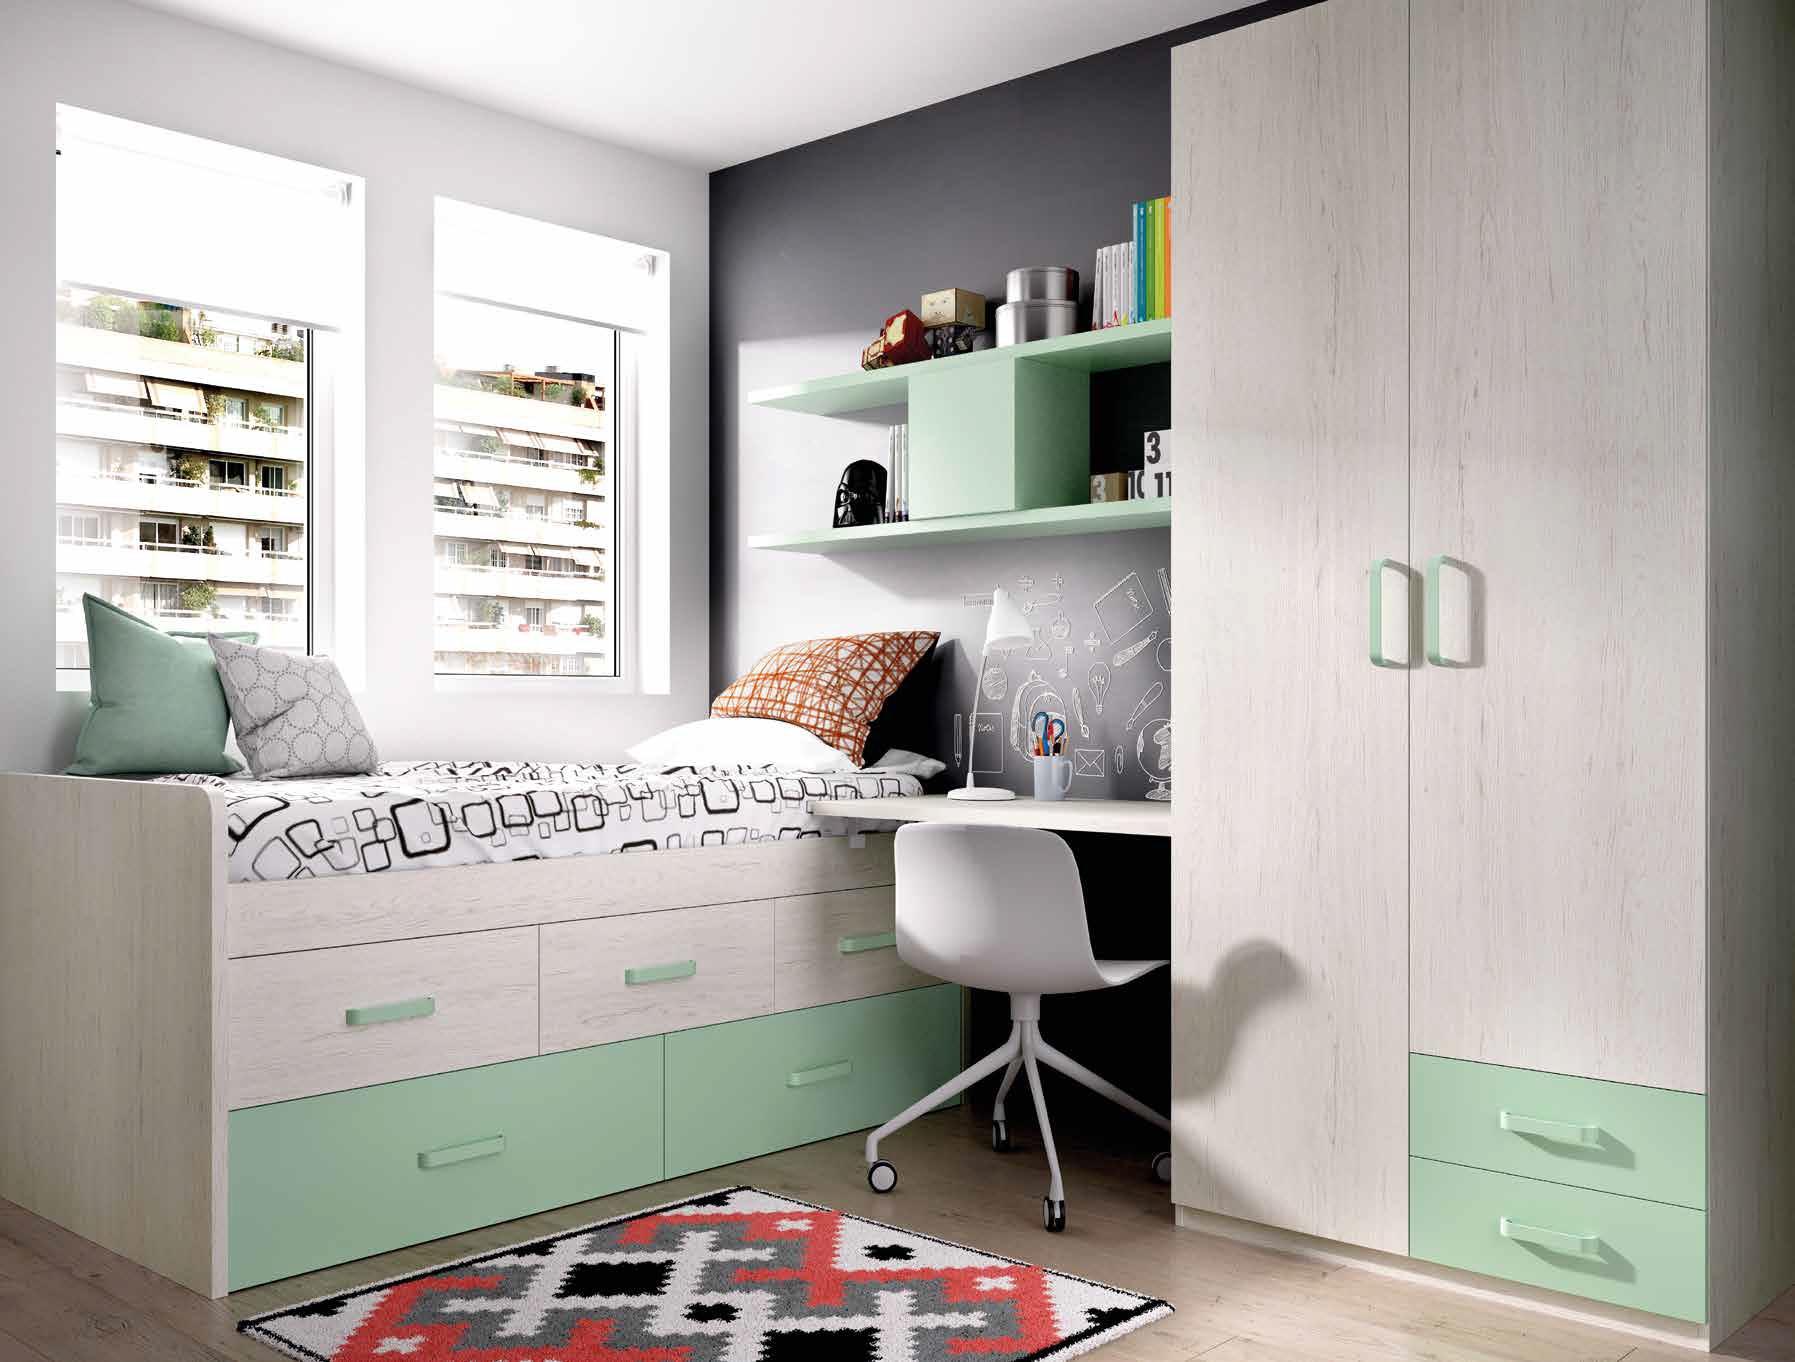 compactos-ONE-19-muebles-paco-caballero-512-5ccc1744051df